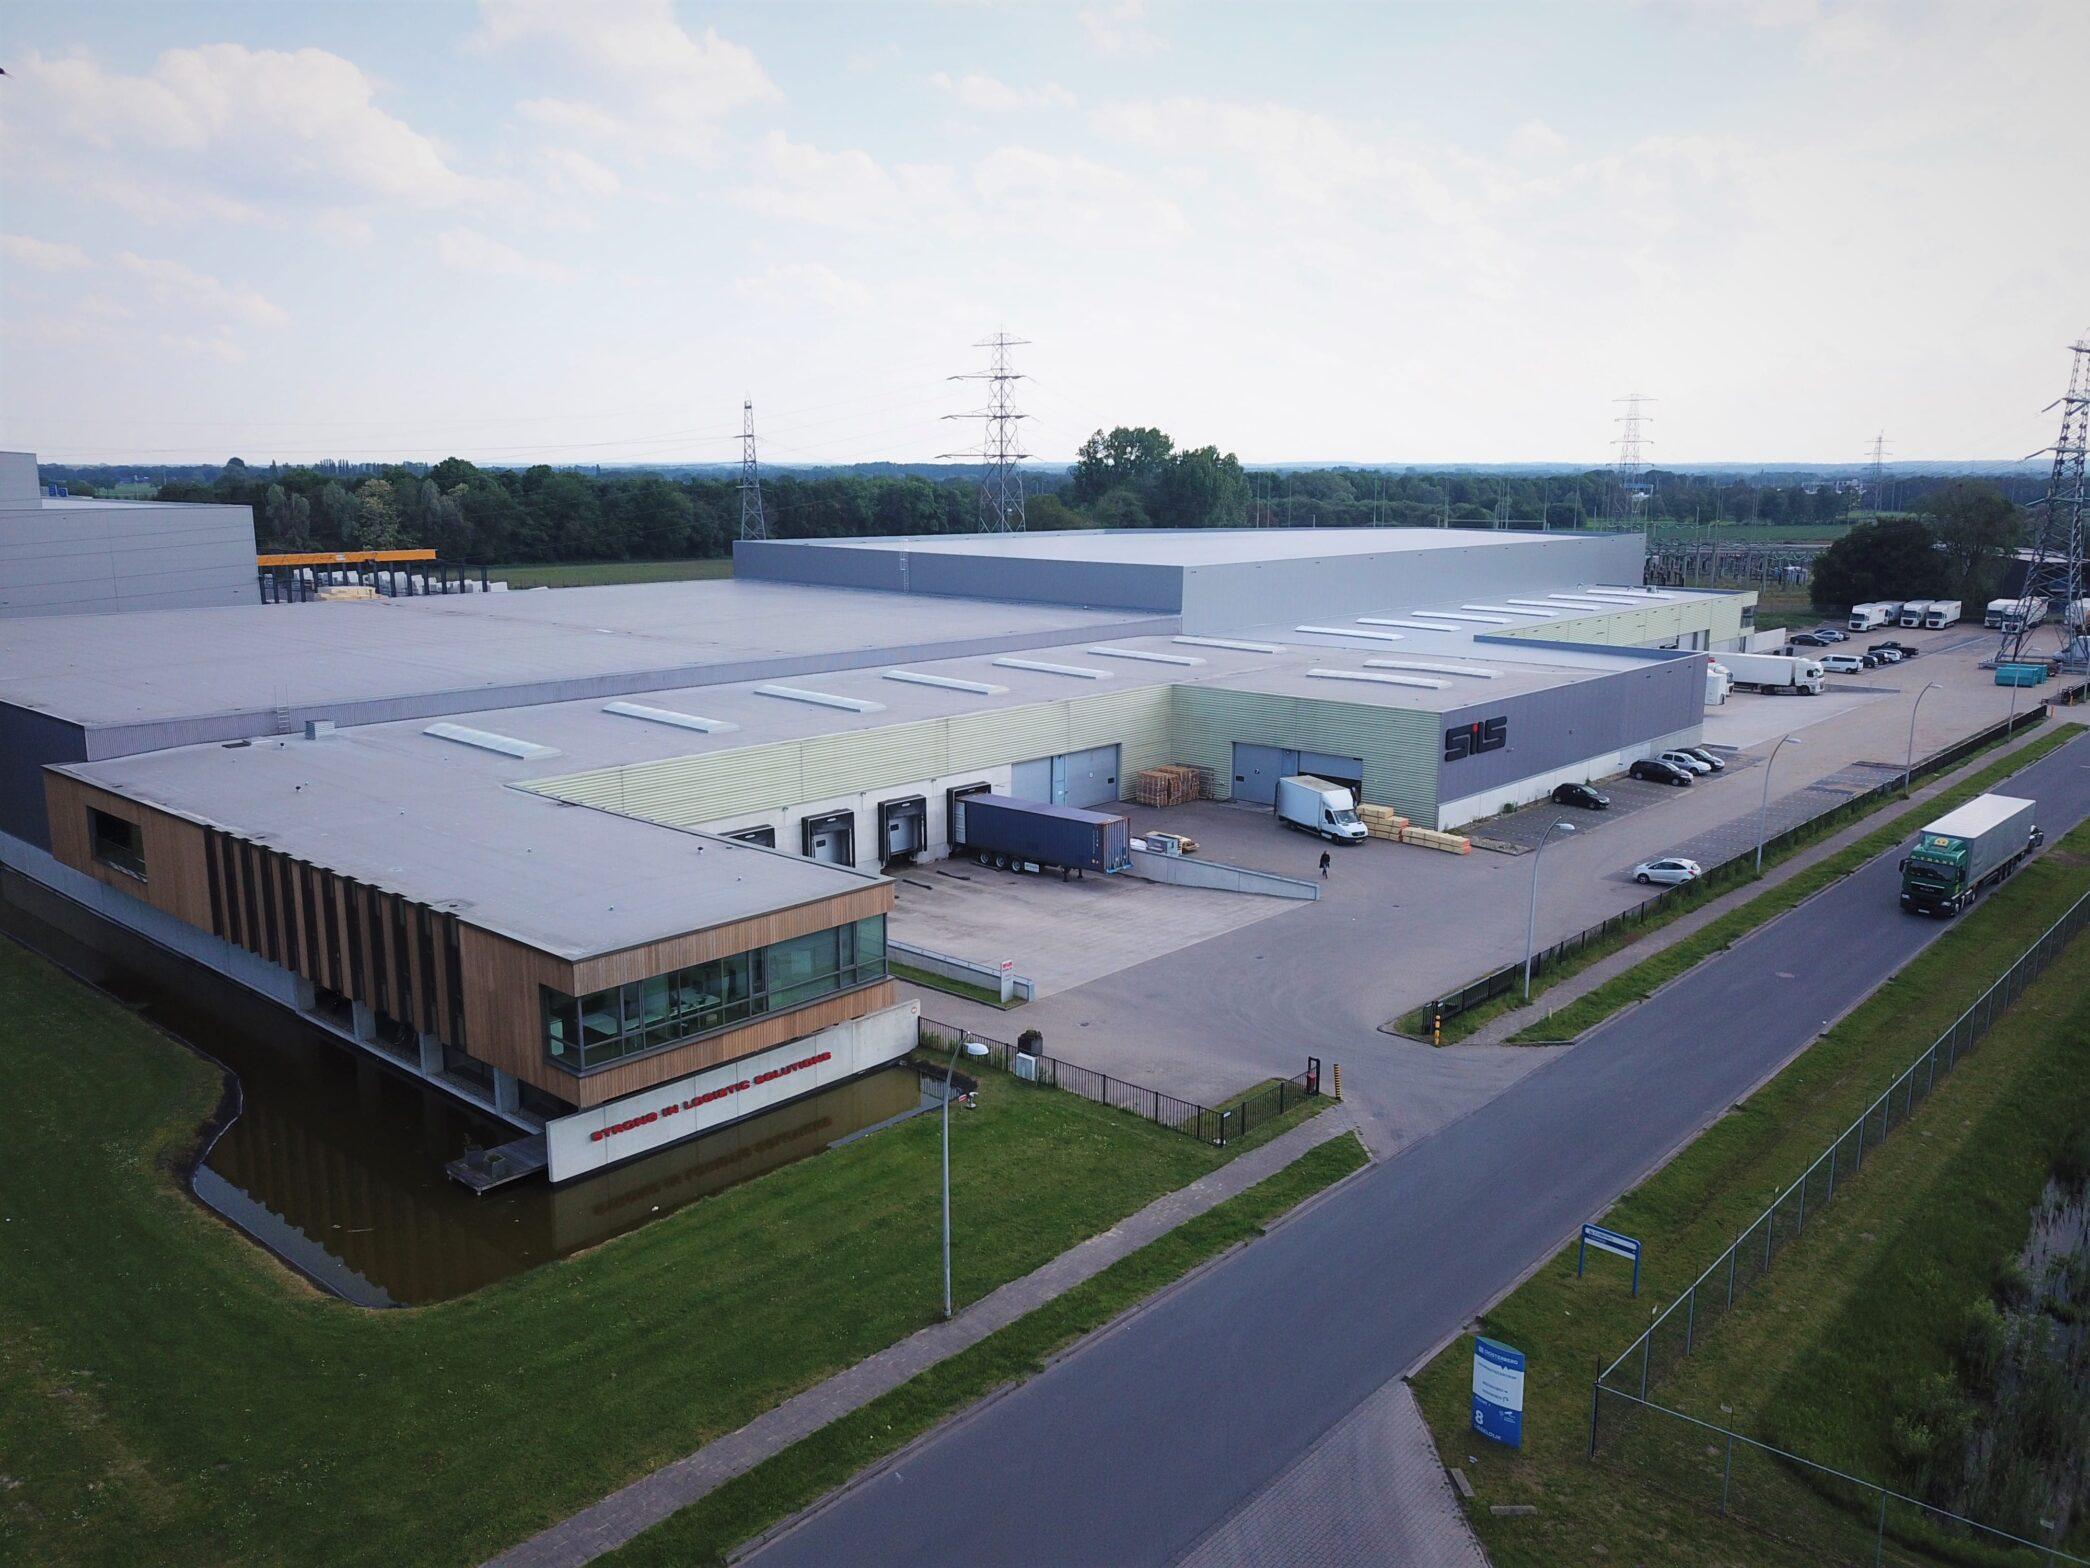 Nieuw bedrijfspand SILS Logistics Apeldoorn